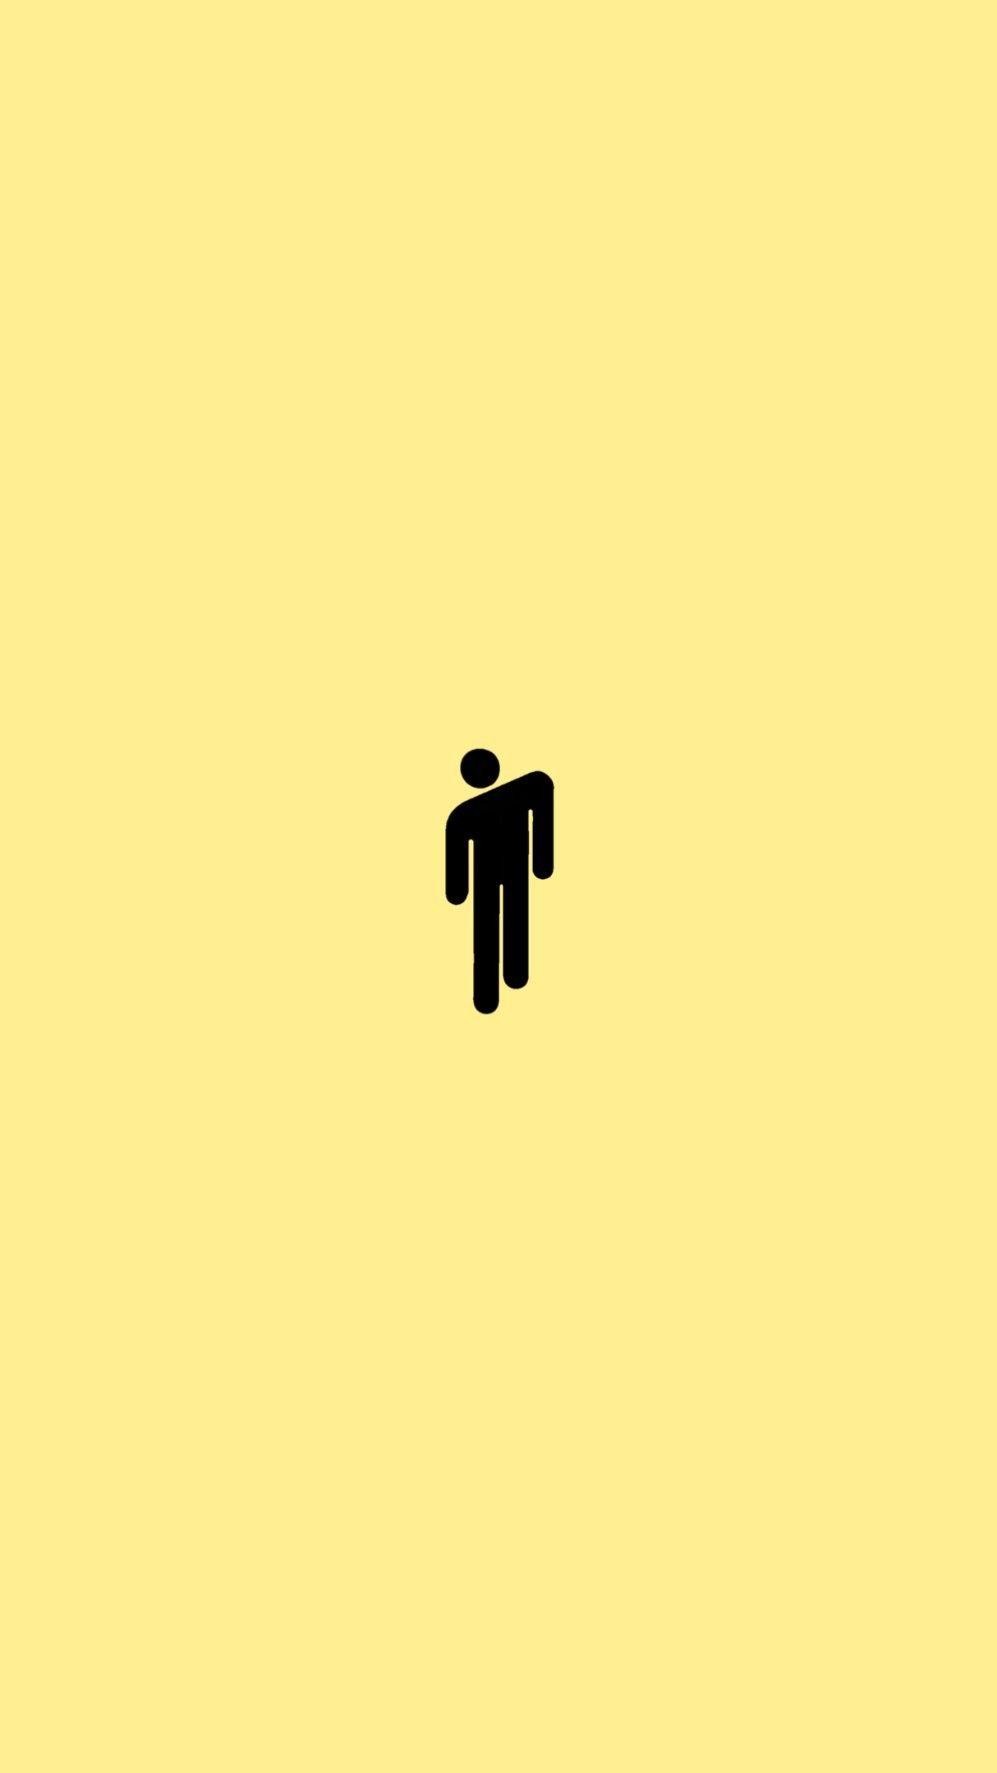 Billie Eilish Blohsh Wallpaper In 2020 Iphone Wallpaper Yellow Yellow Wallpaper Blue Wallpaper Iphone